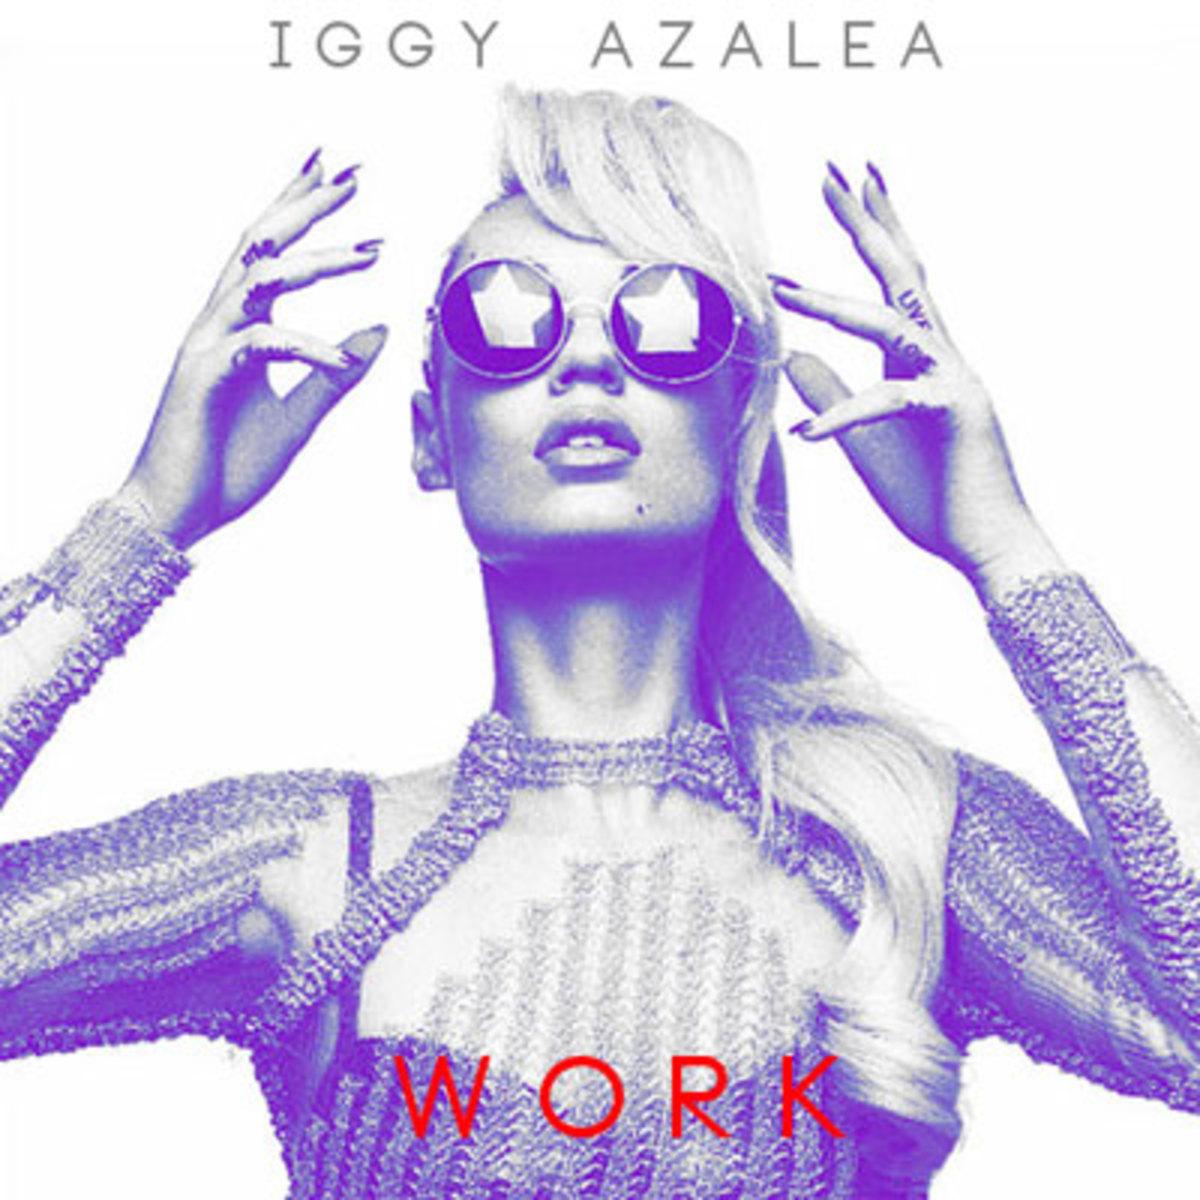 iggyazalea-work.jpg